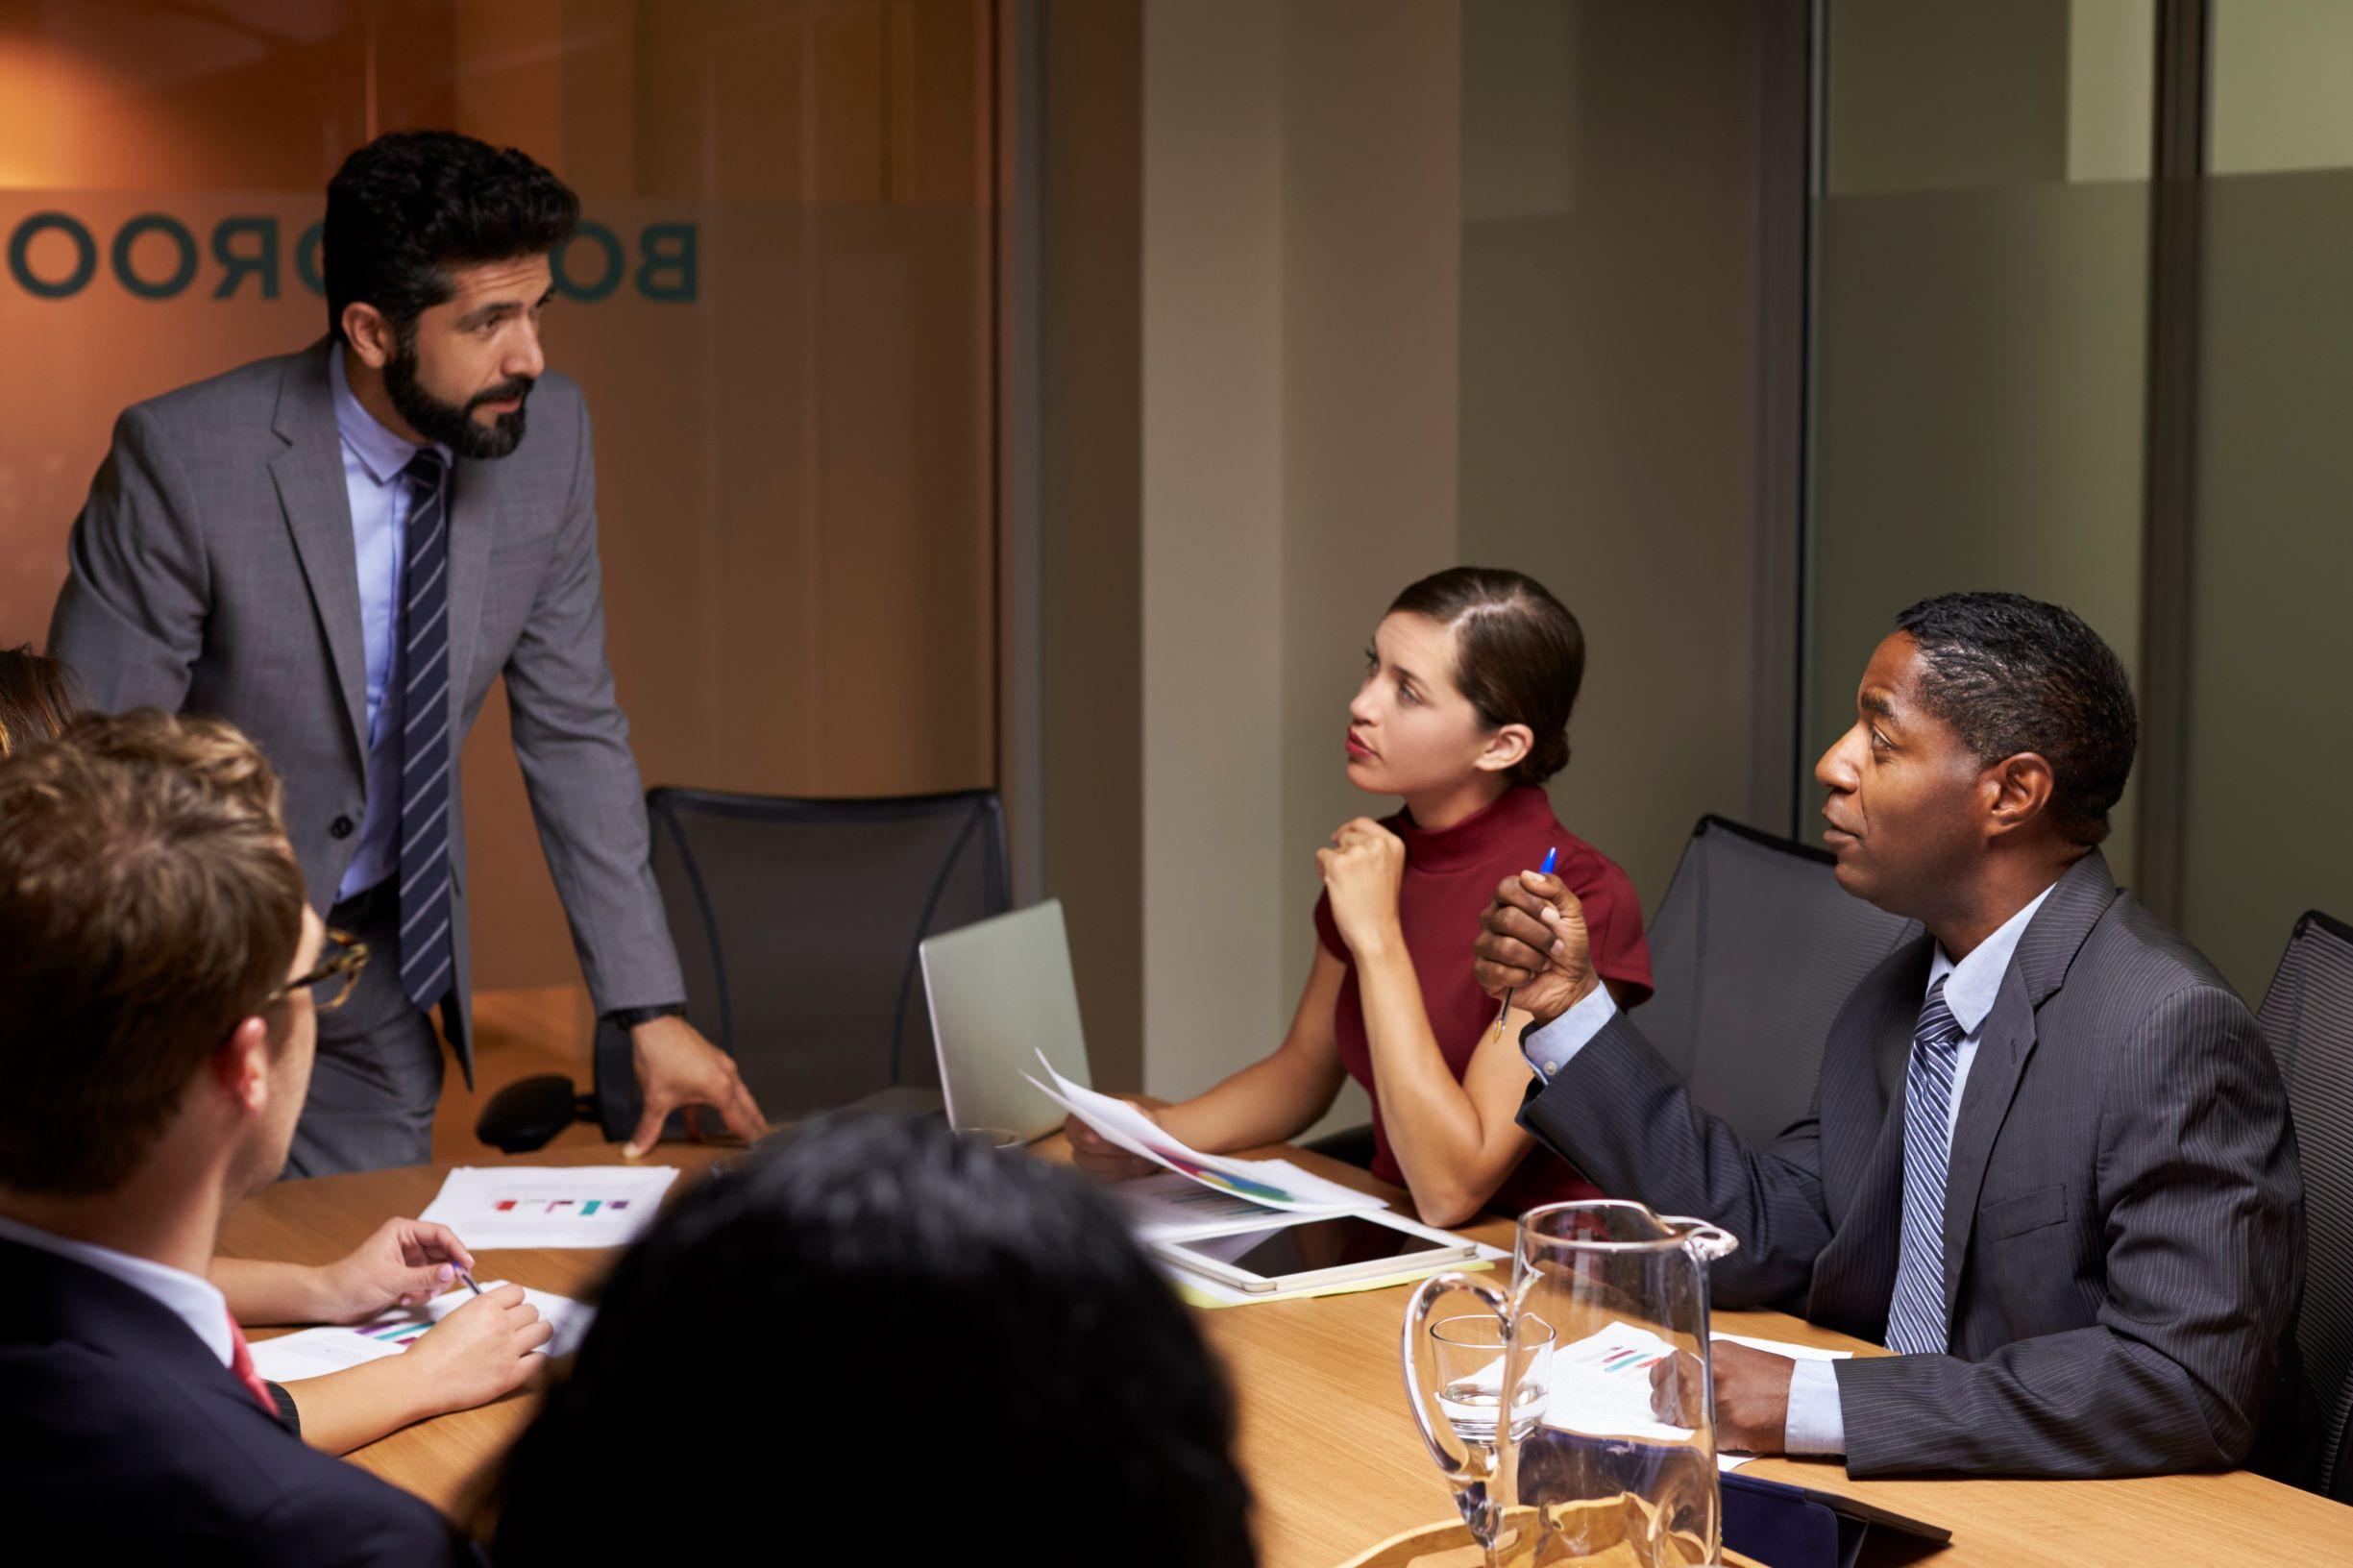 Course Image Diplomado en liderazgo y comunicación corporativa